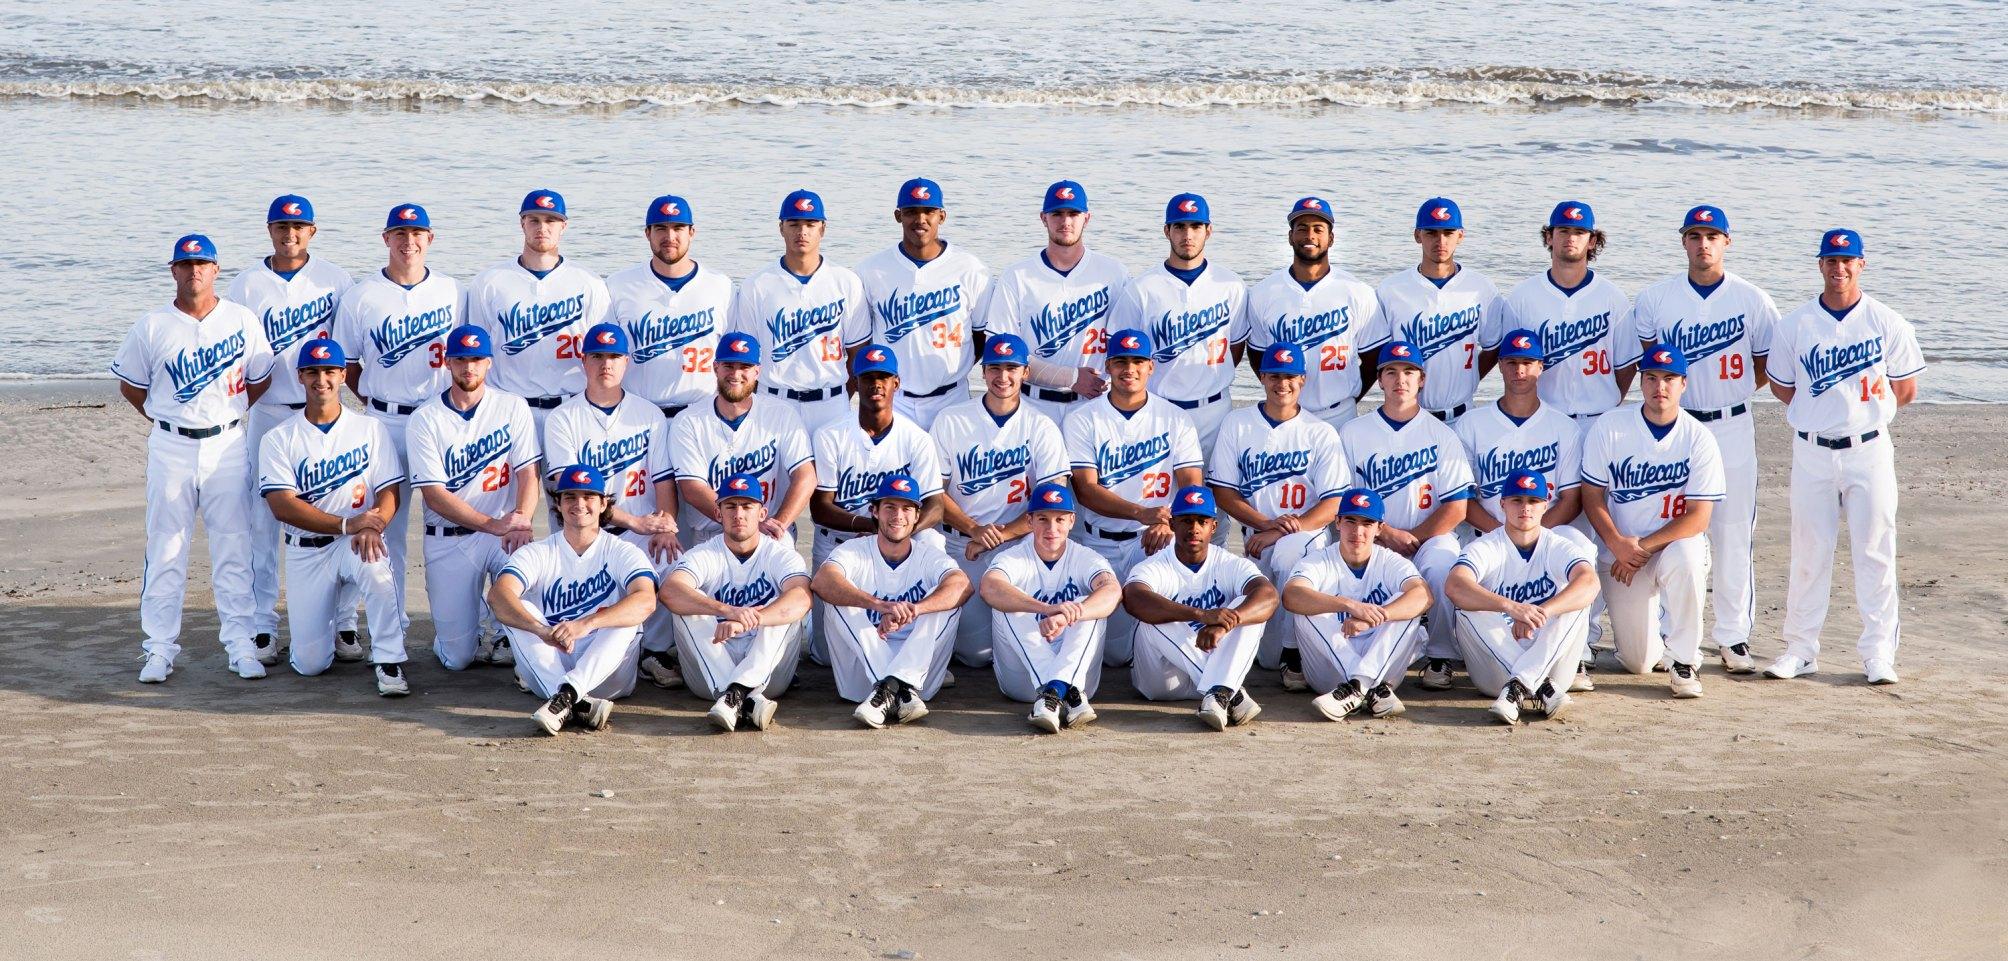 Whitecaps Baseball - Galveston College